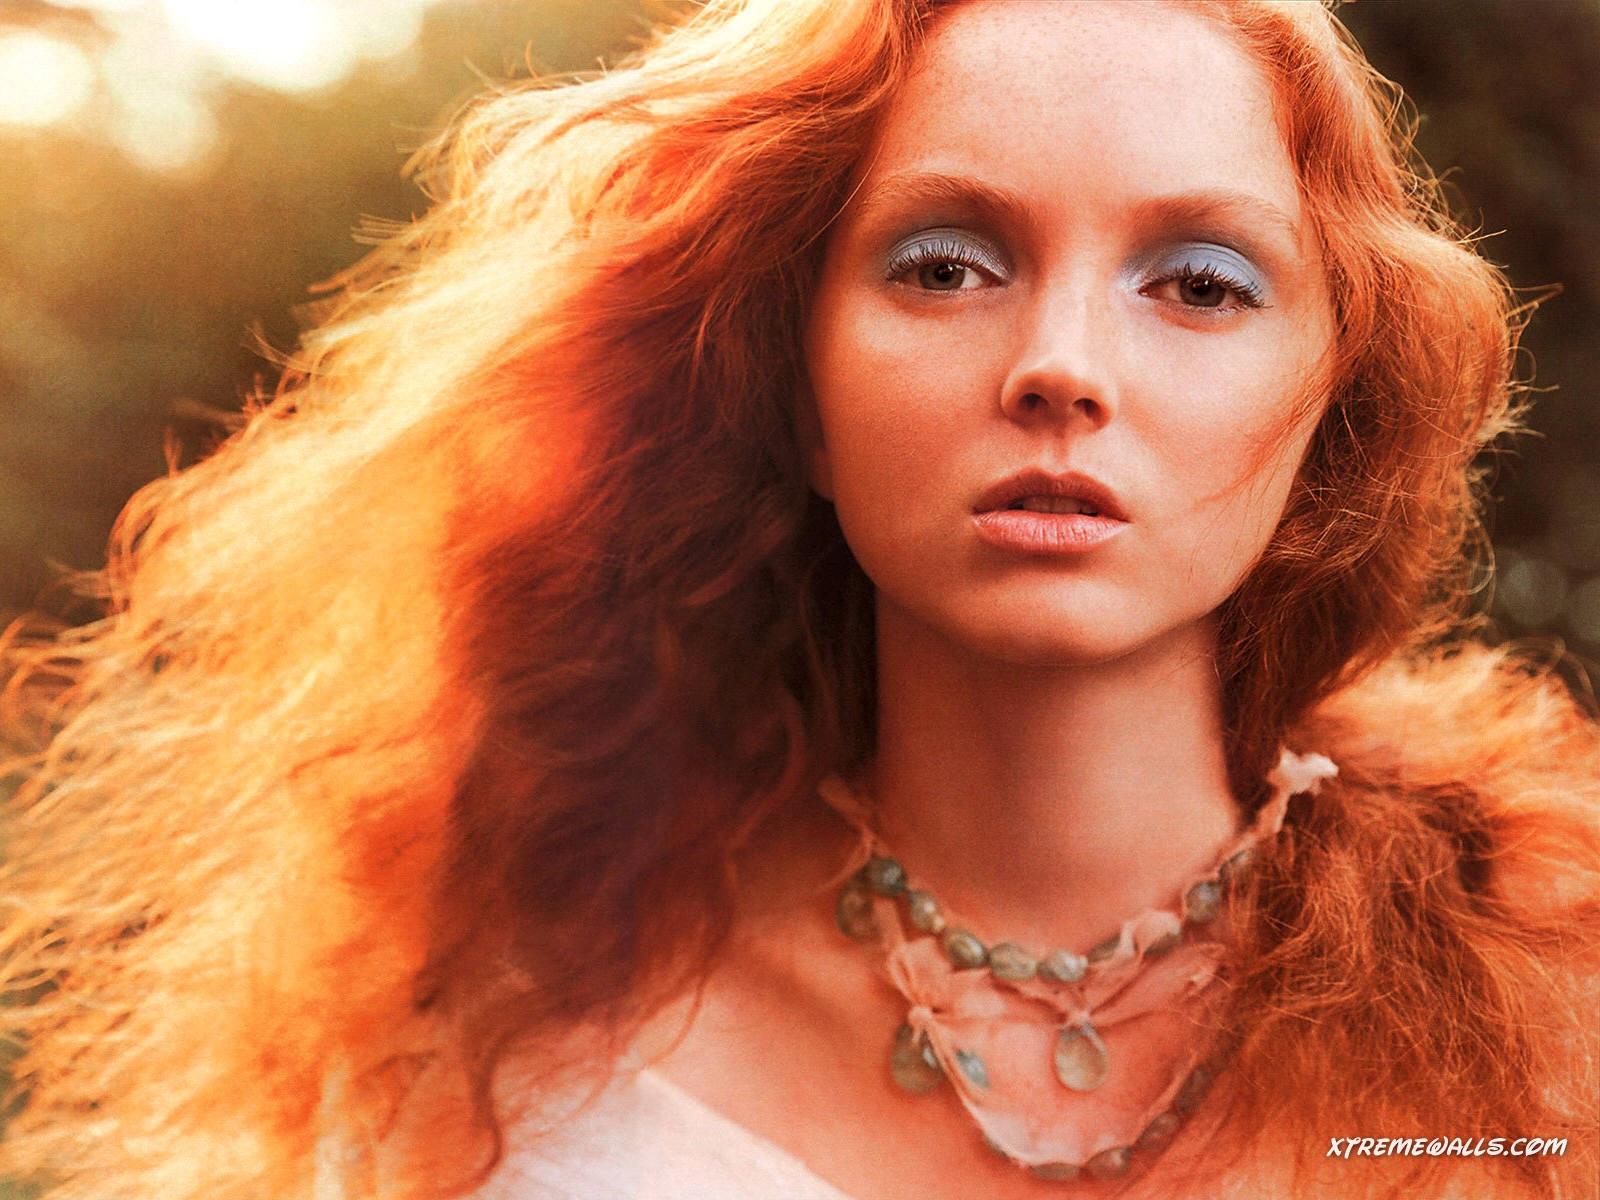 http://4.bp.blogspot.com/-Ol_LAwa332A/Tjo-tKRKtcI/AAAAAAAAAzE/zhpHlsL1K_4/s1600/Lily-Cole-Wallpaper.jpg